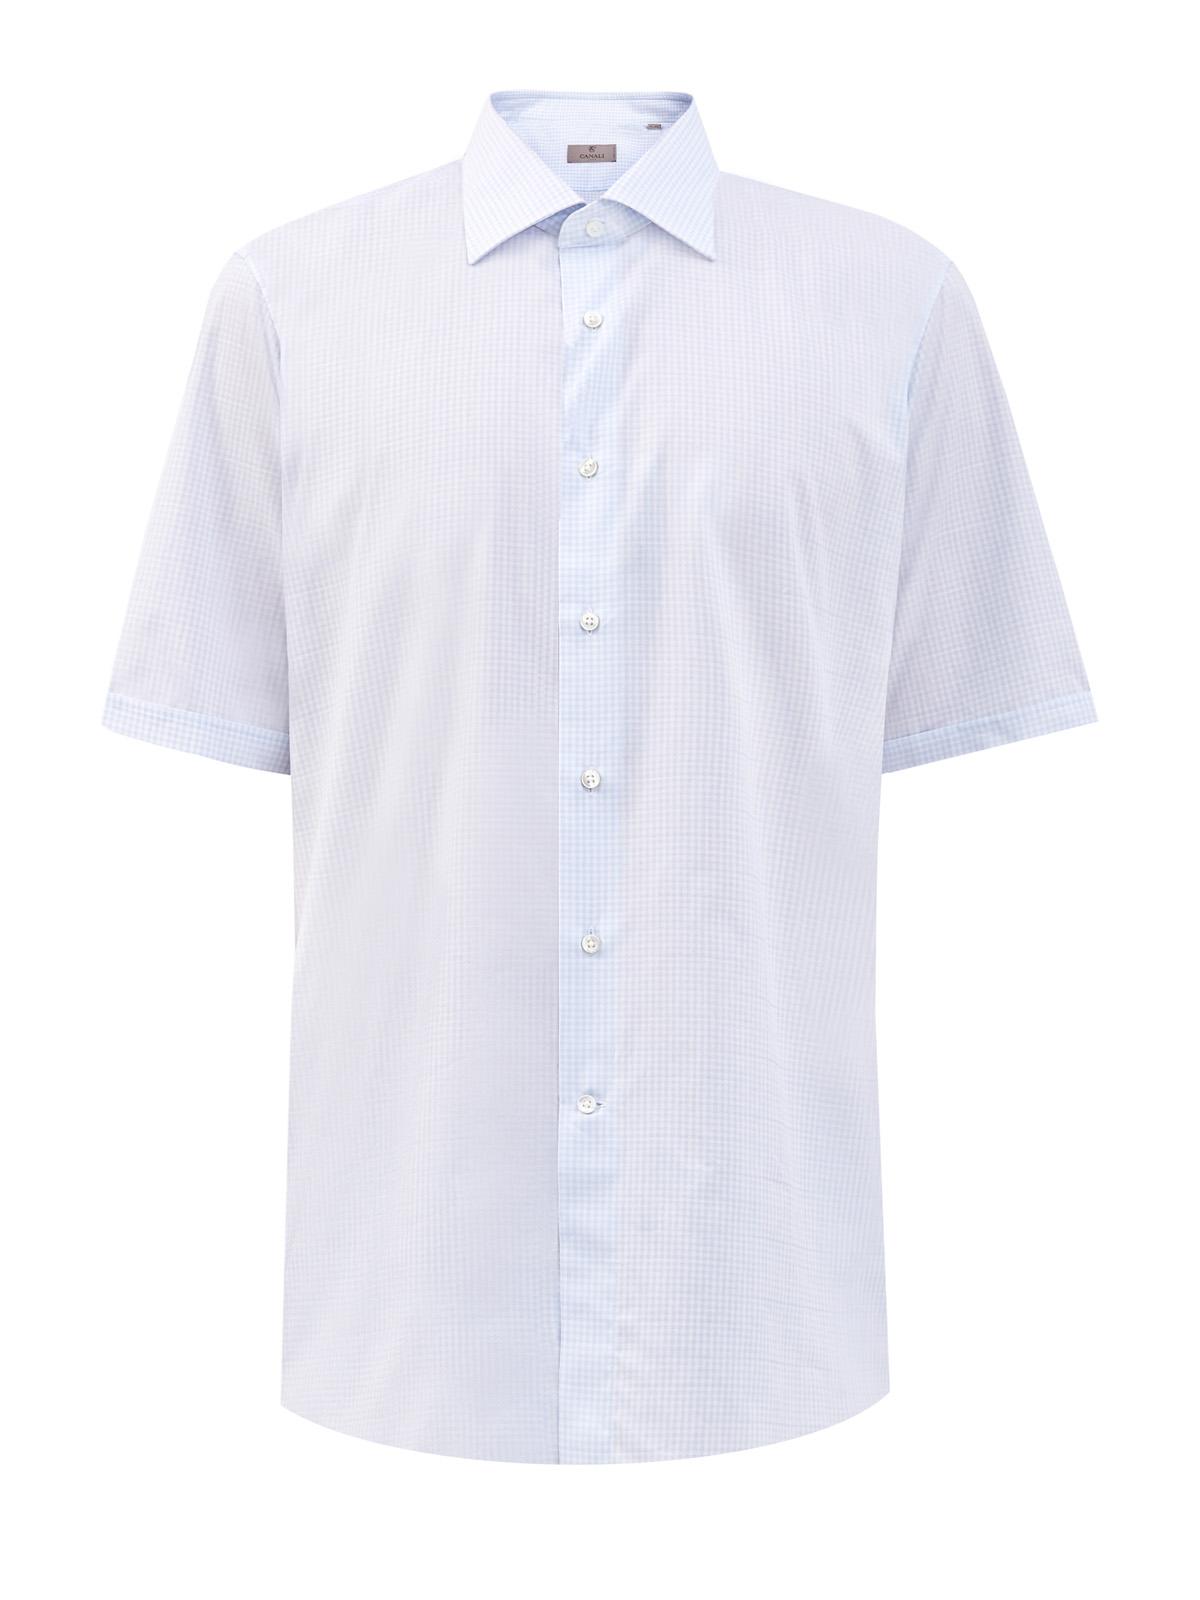 Хлопковая рубашка Modern Fit с микро-принтом в клетку виши